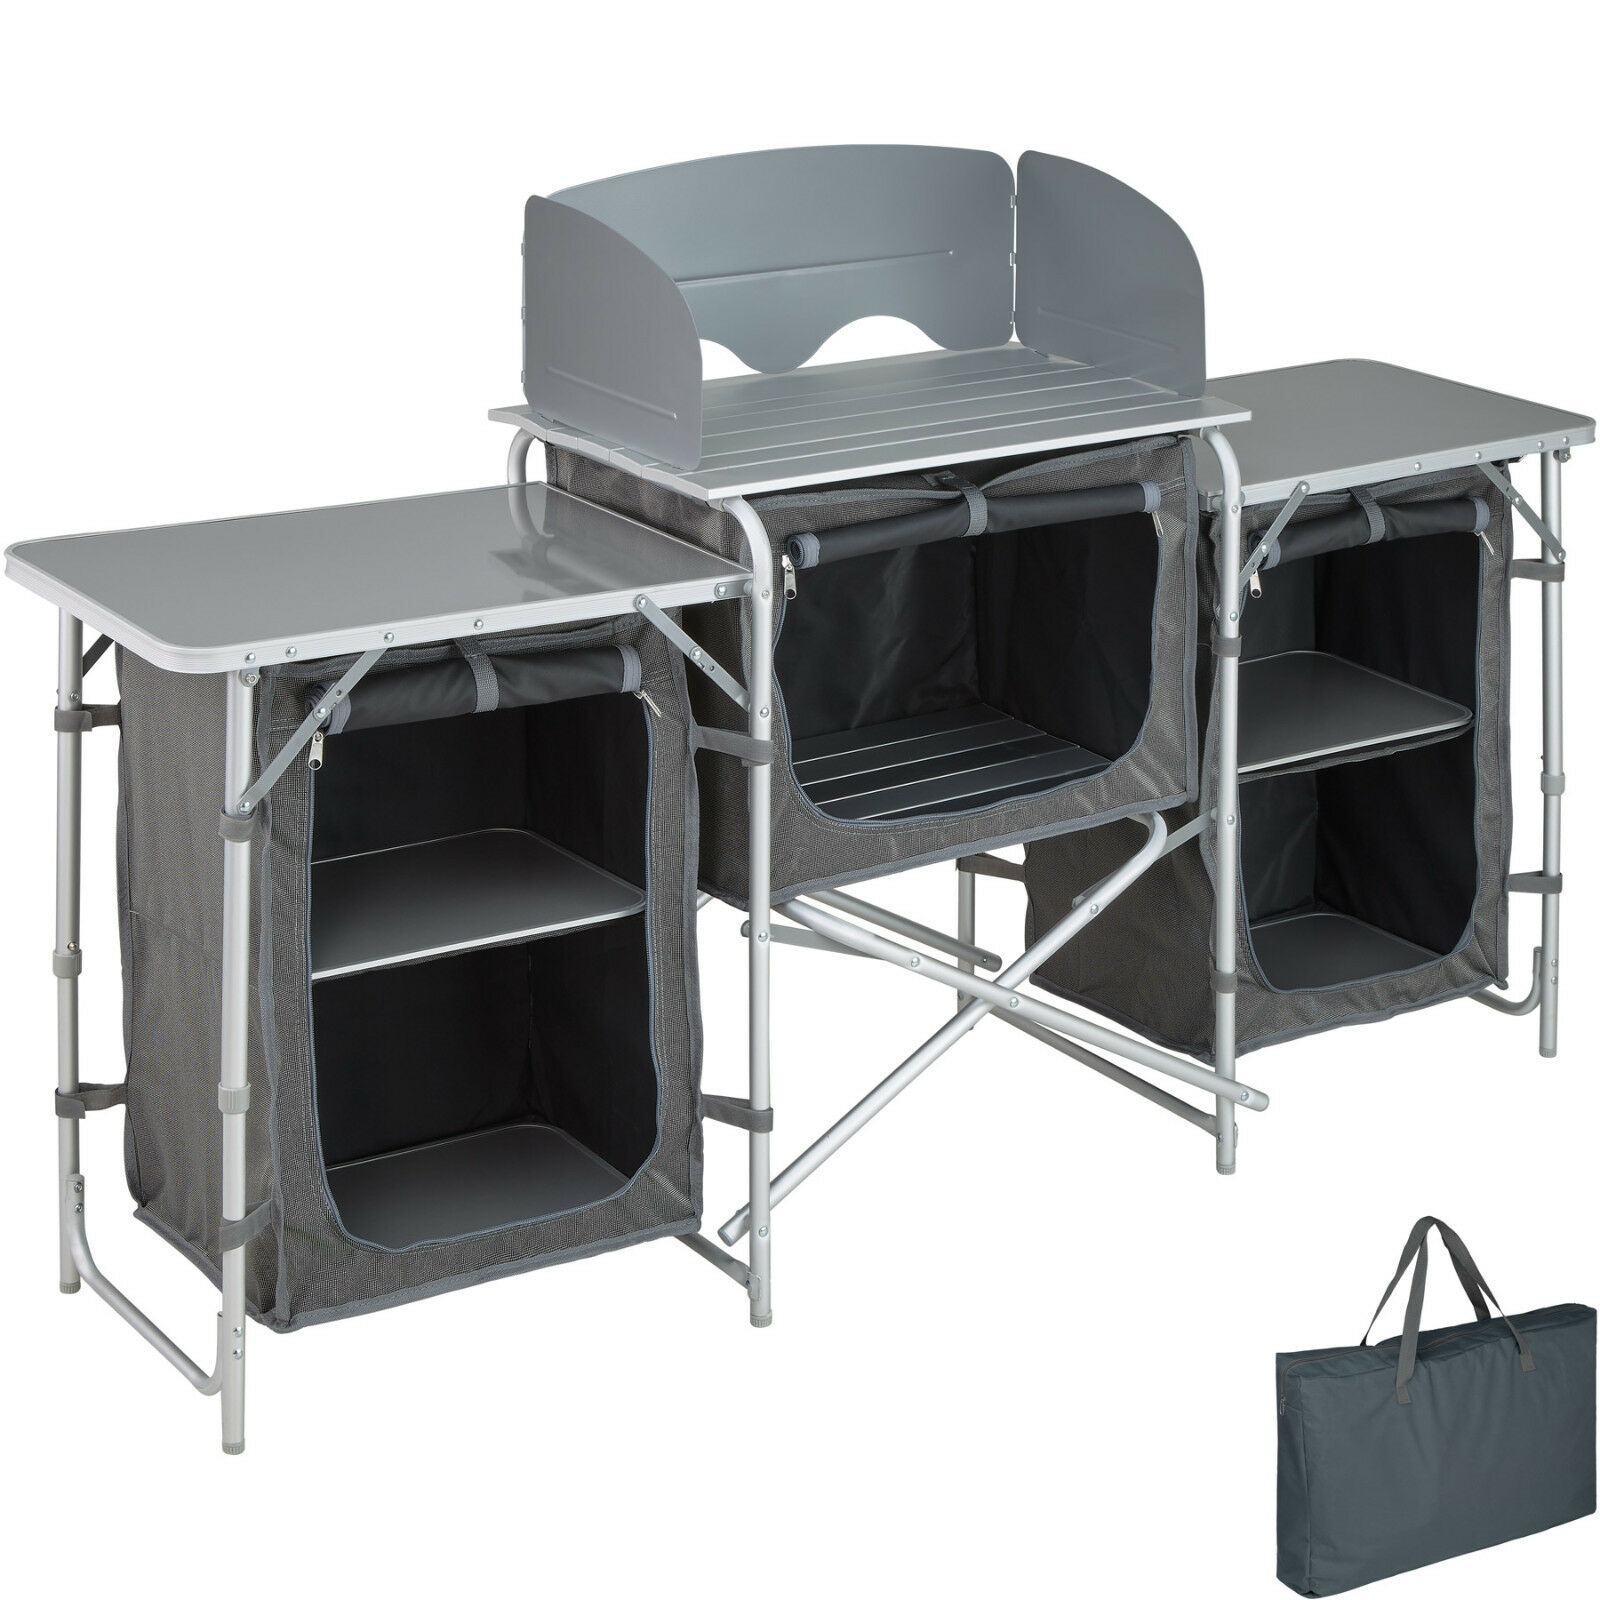 Cucina da campeggio con paravento box da esterni alluminio giardino pieghevole